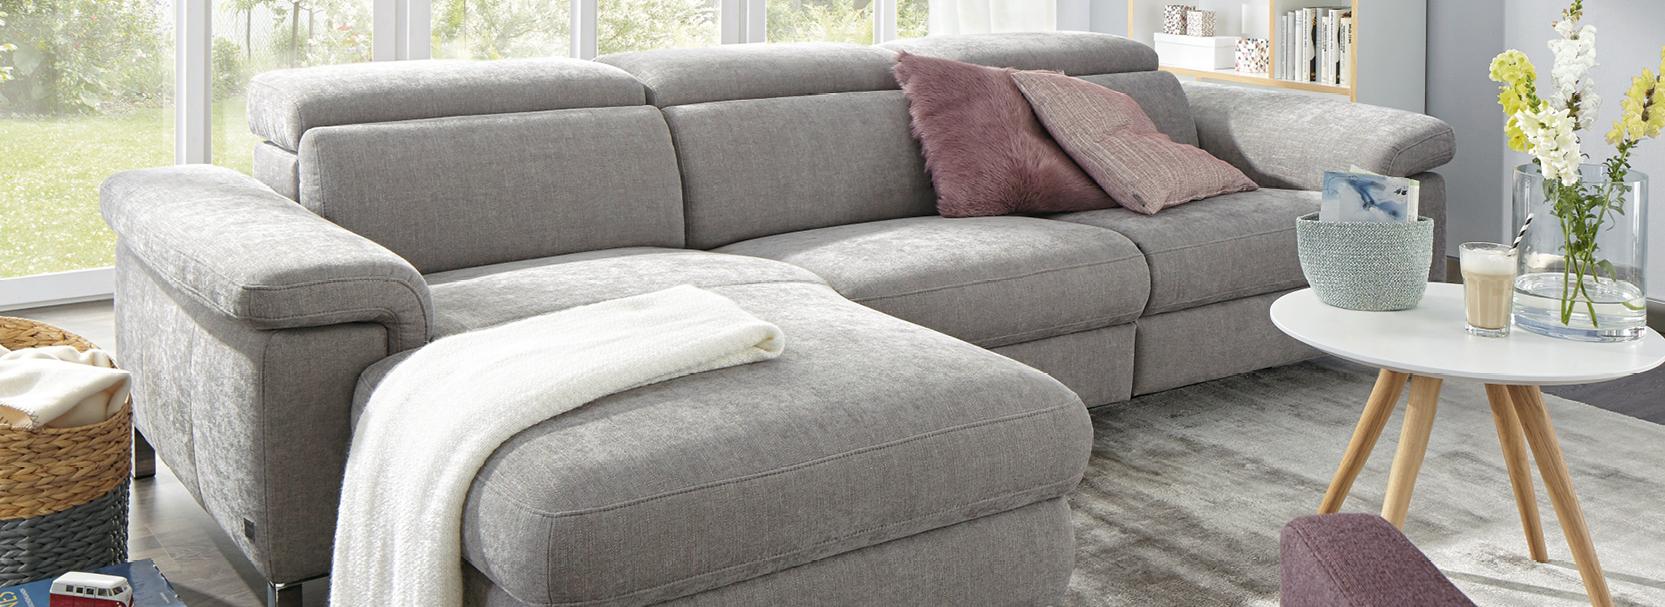 Global Almeria - das bequeme Sofa